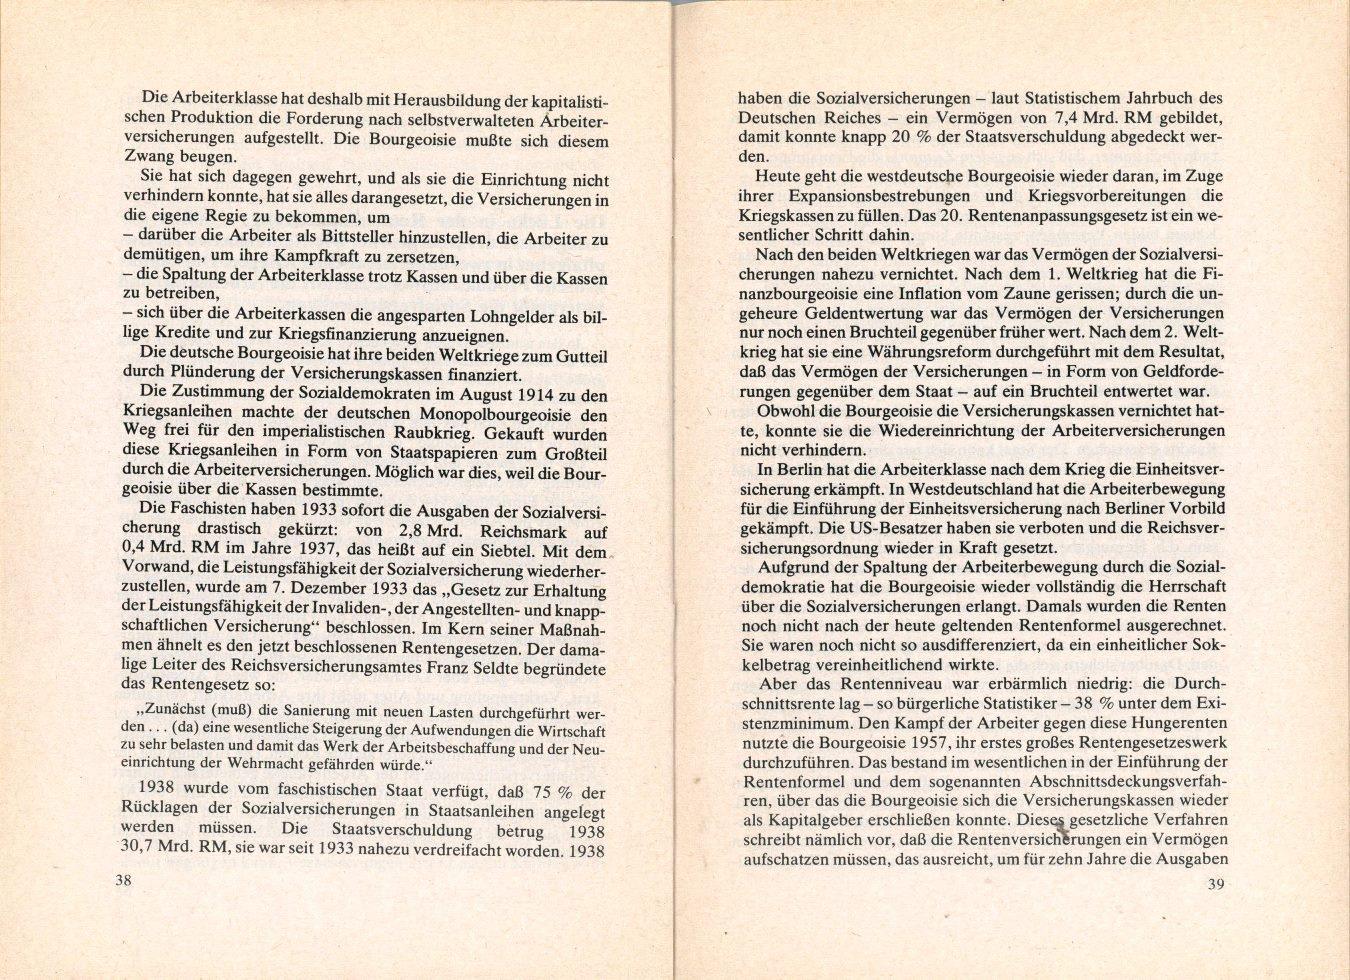 OTV_KBW_Doku_KVKG_1977_21